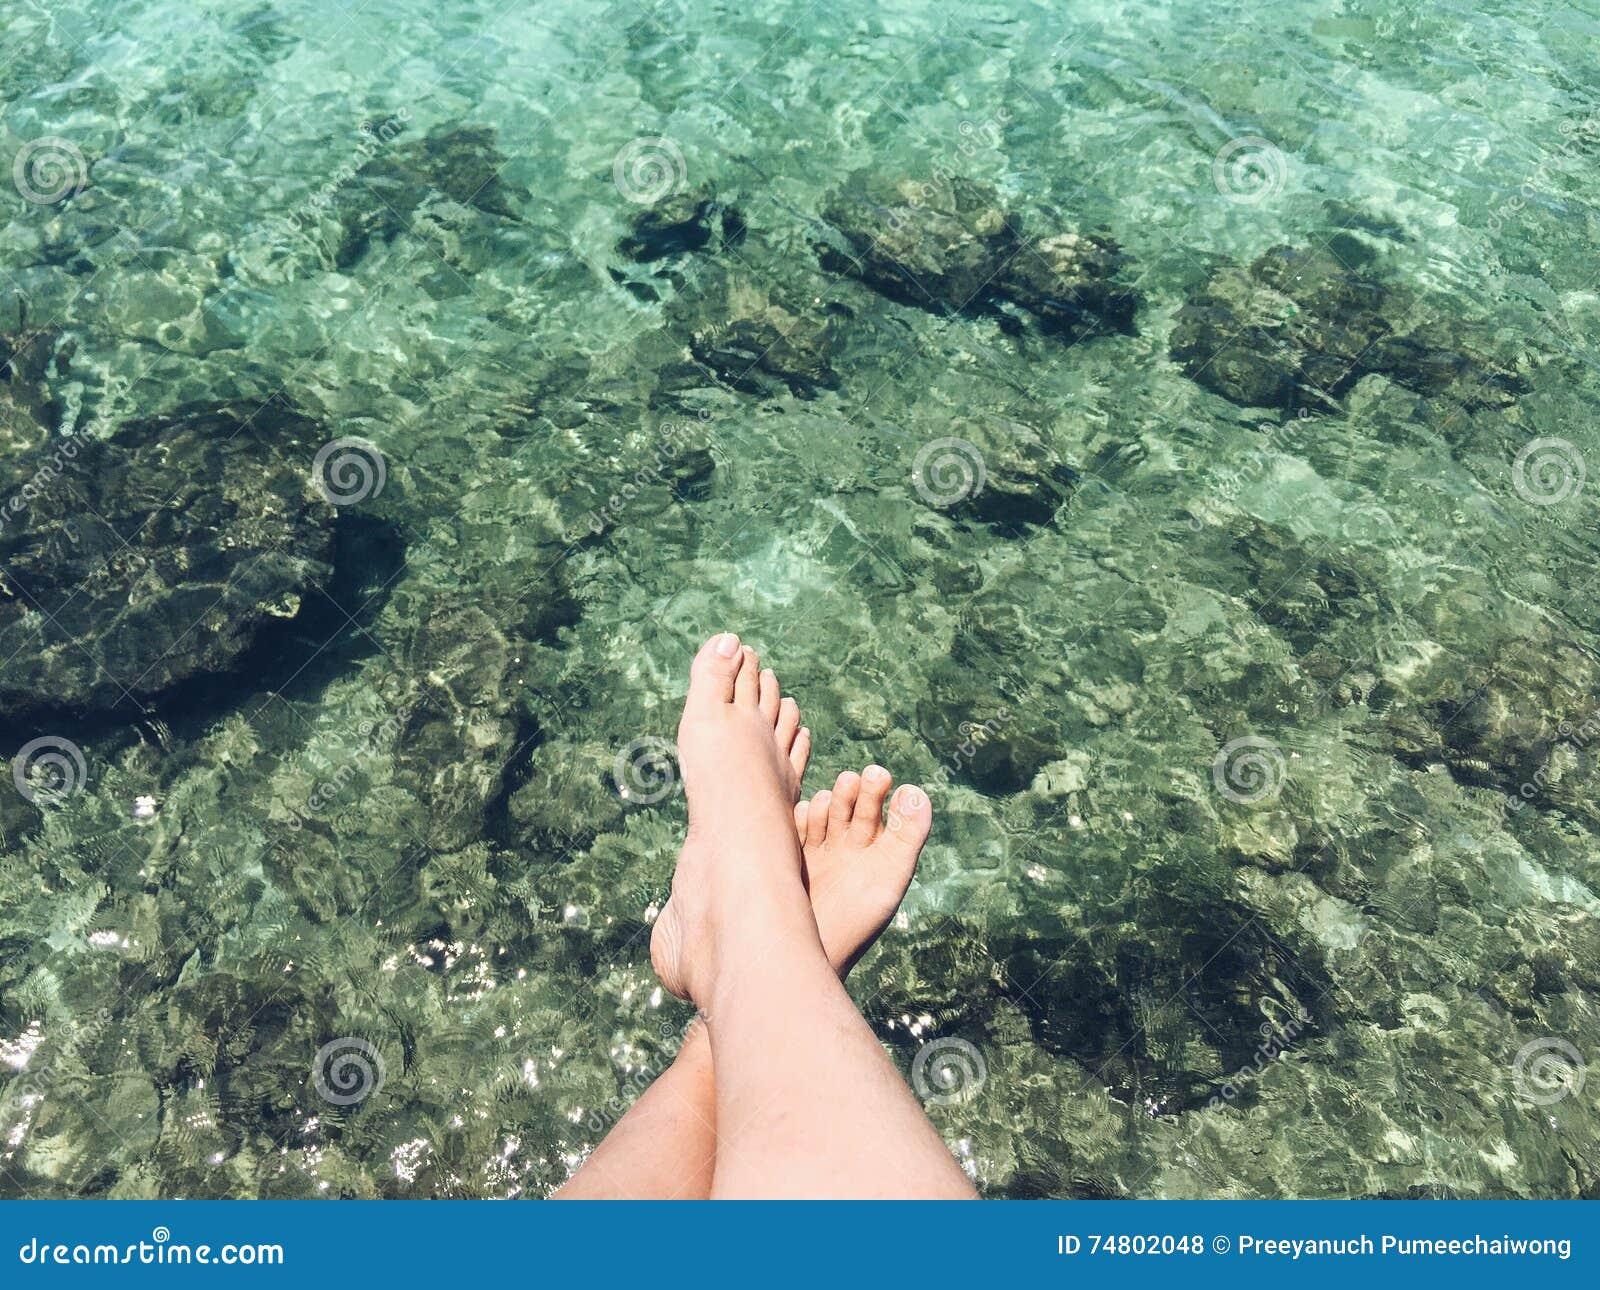 Fot som över dinglar - vatten